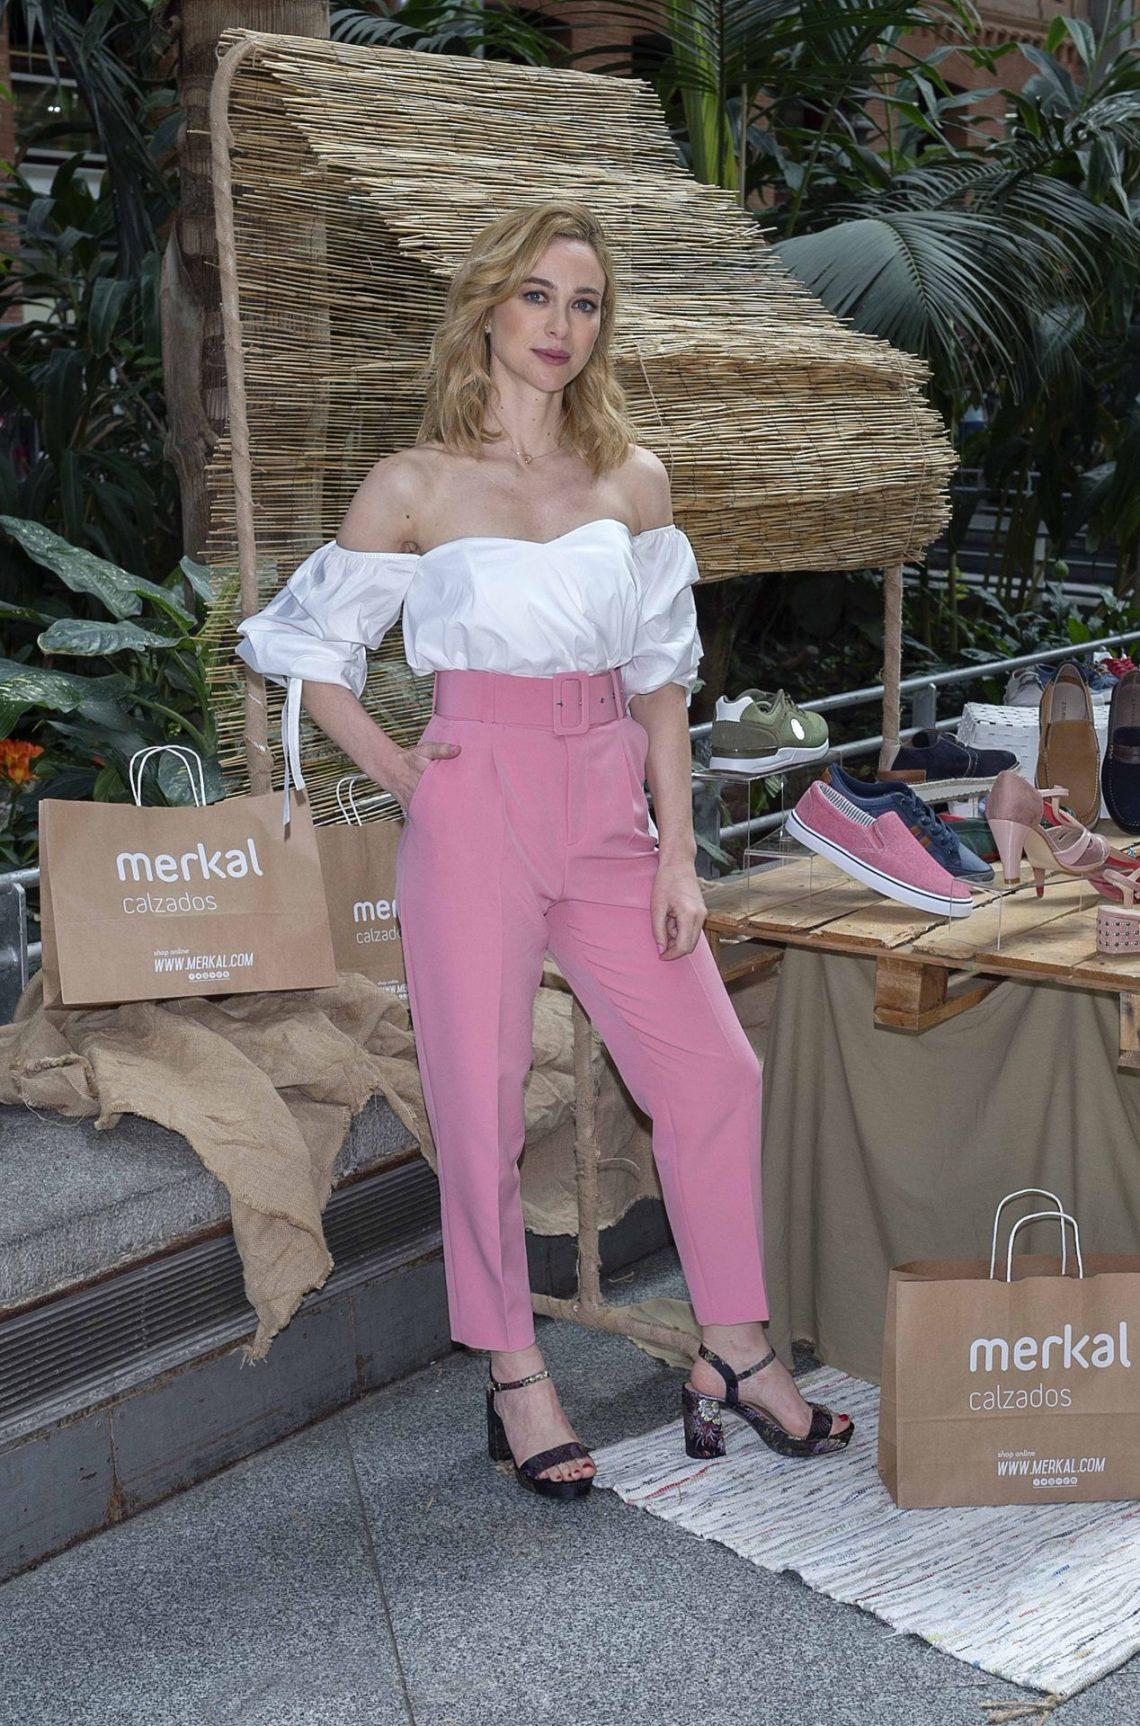 ¿Cuál es la prenda favorita de Marta Hazas? ¿y su crema infalible? Ella misma nos lo cuenta